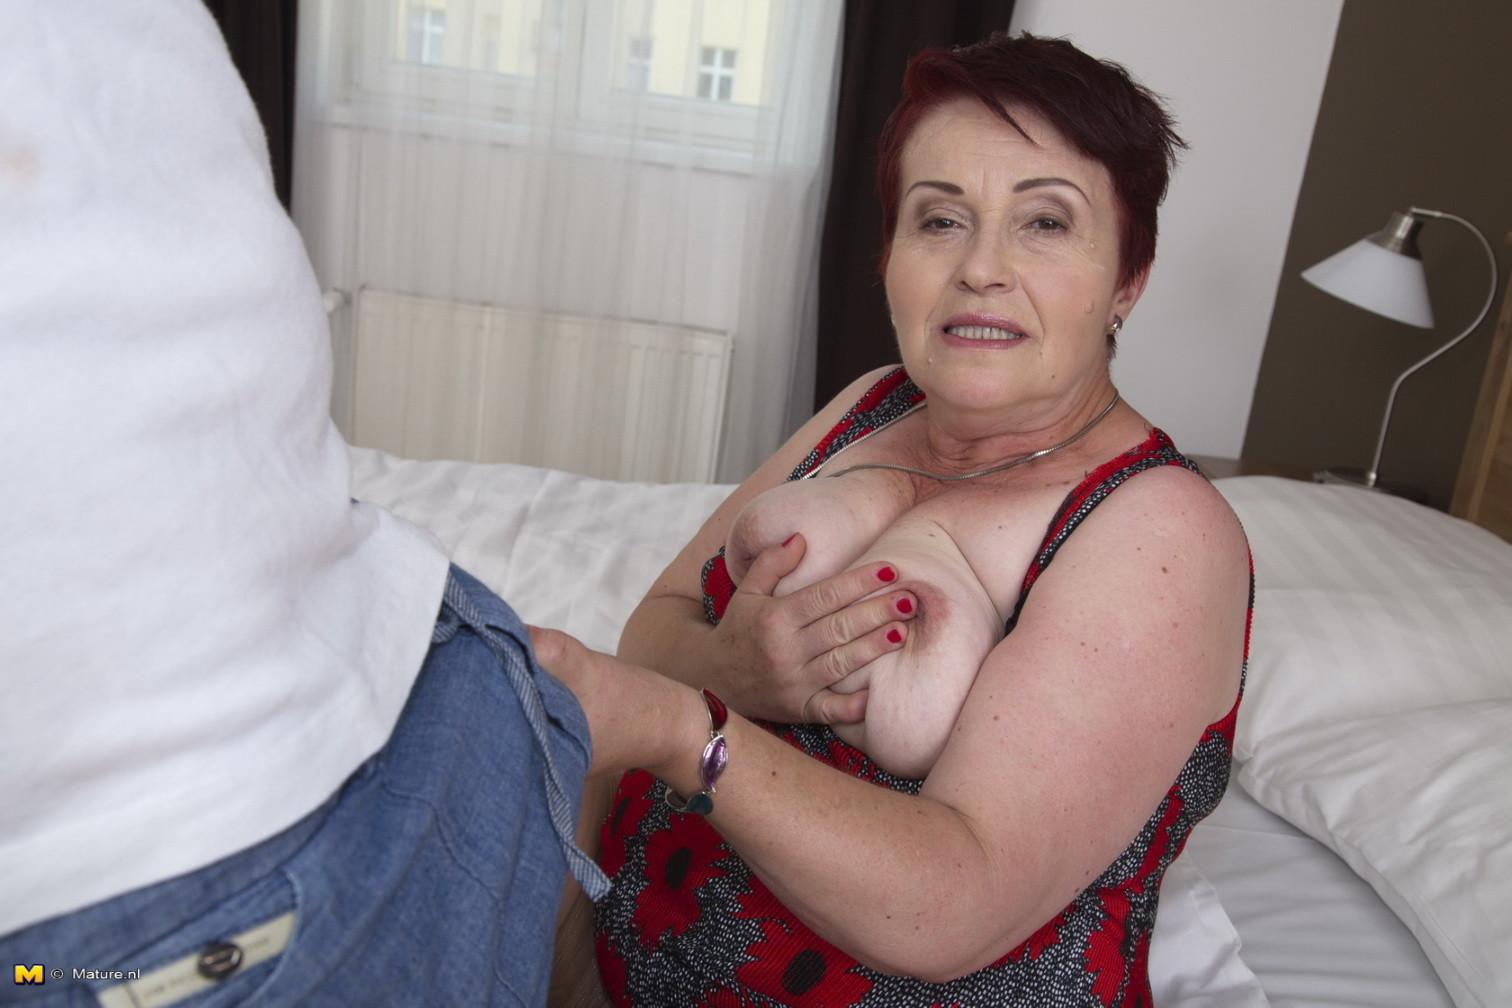 Мужчине нравятся пожилые женщины с их растянутыми вагинами и особенным запахом, который они источают